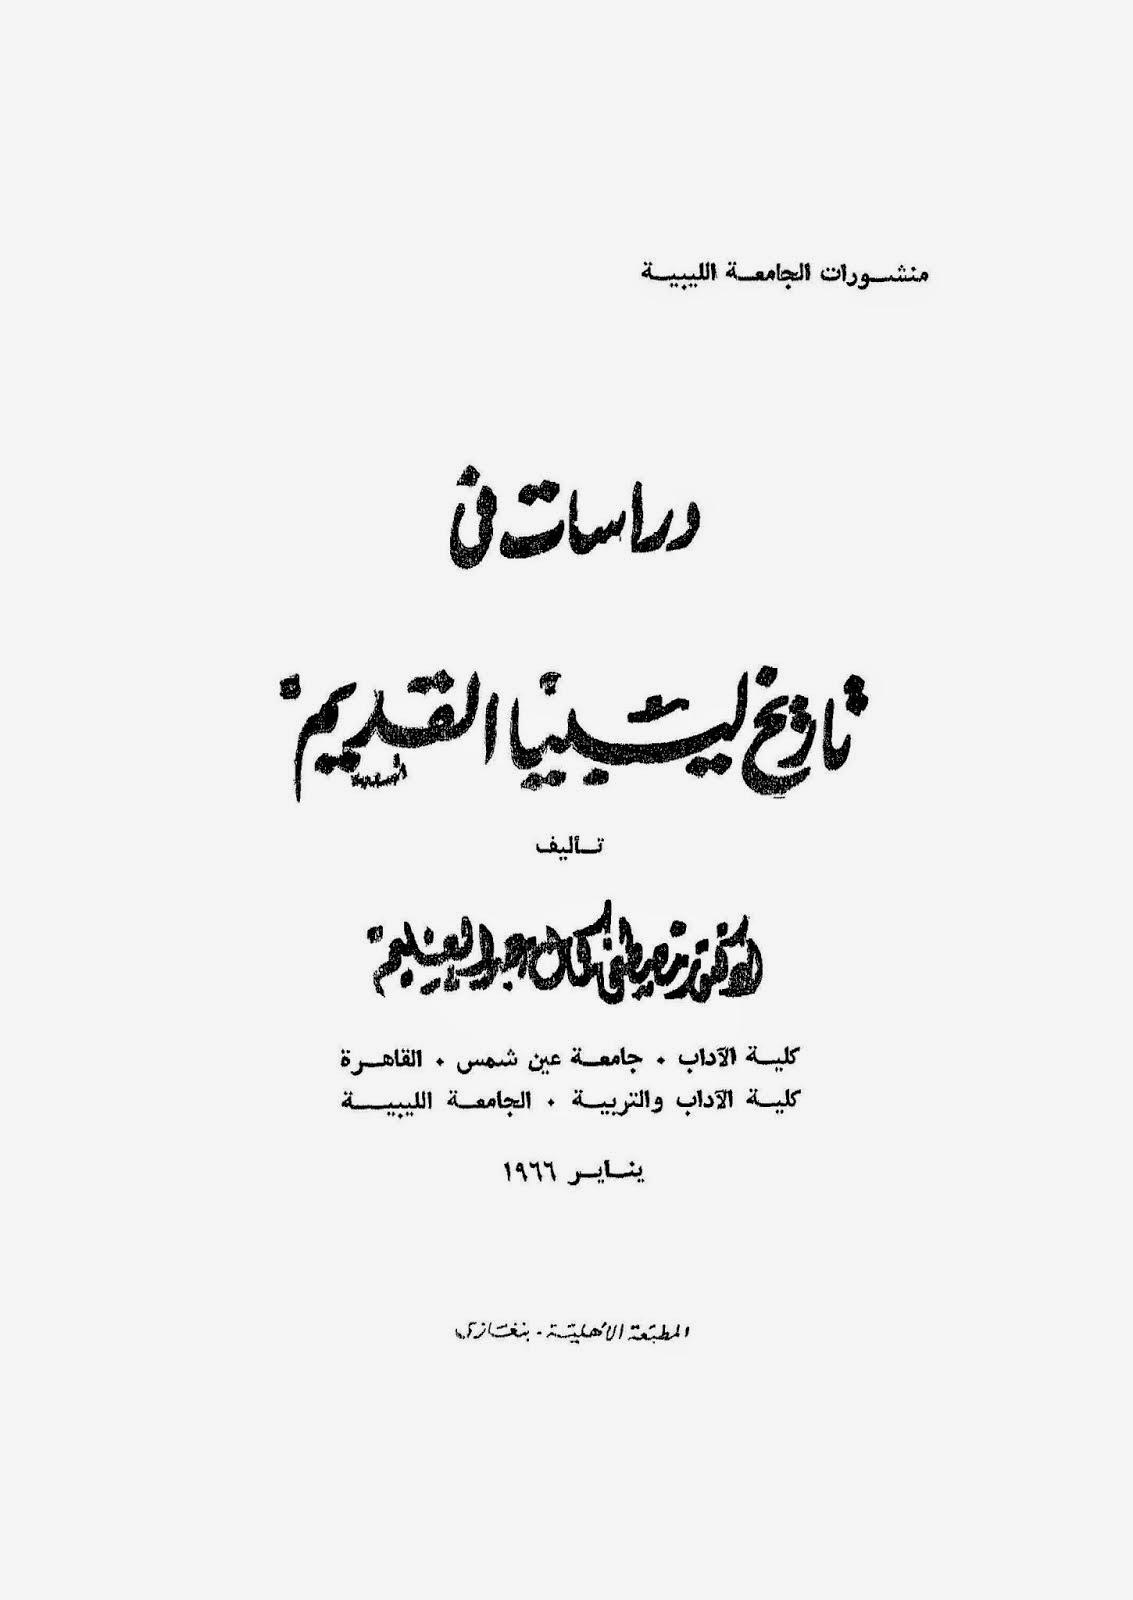 كتاب دراسات في تاريخ ليبيا القديم لـ مصطفى كمال عبد العليم